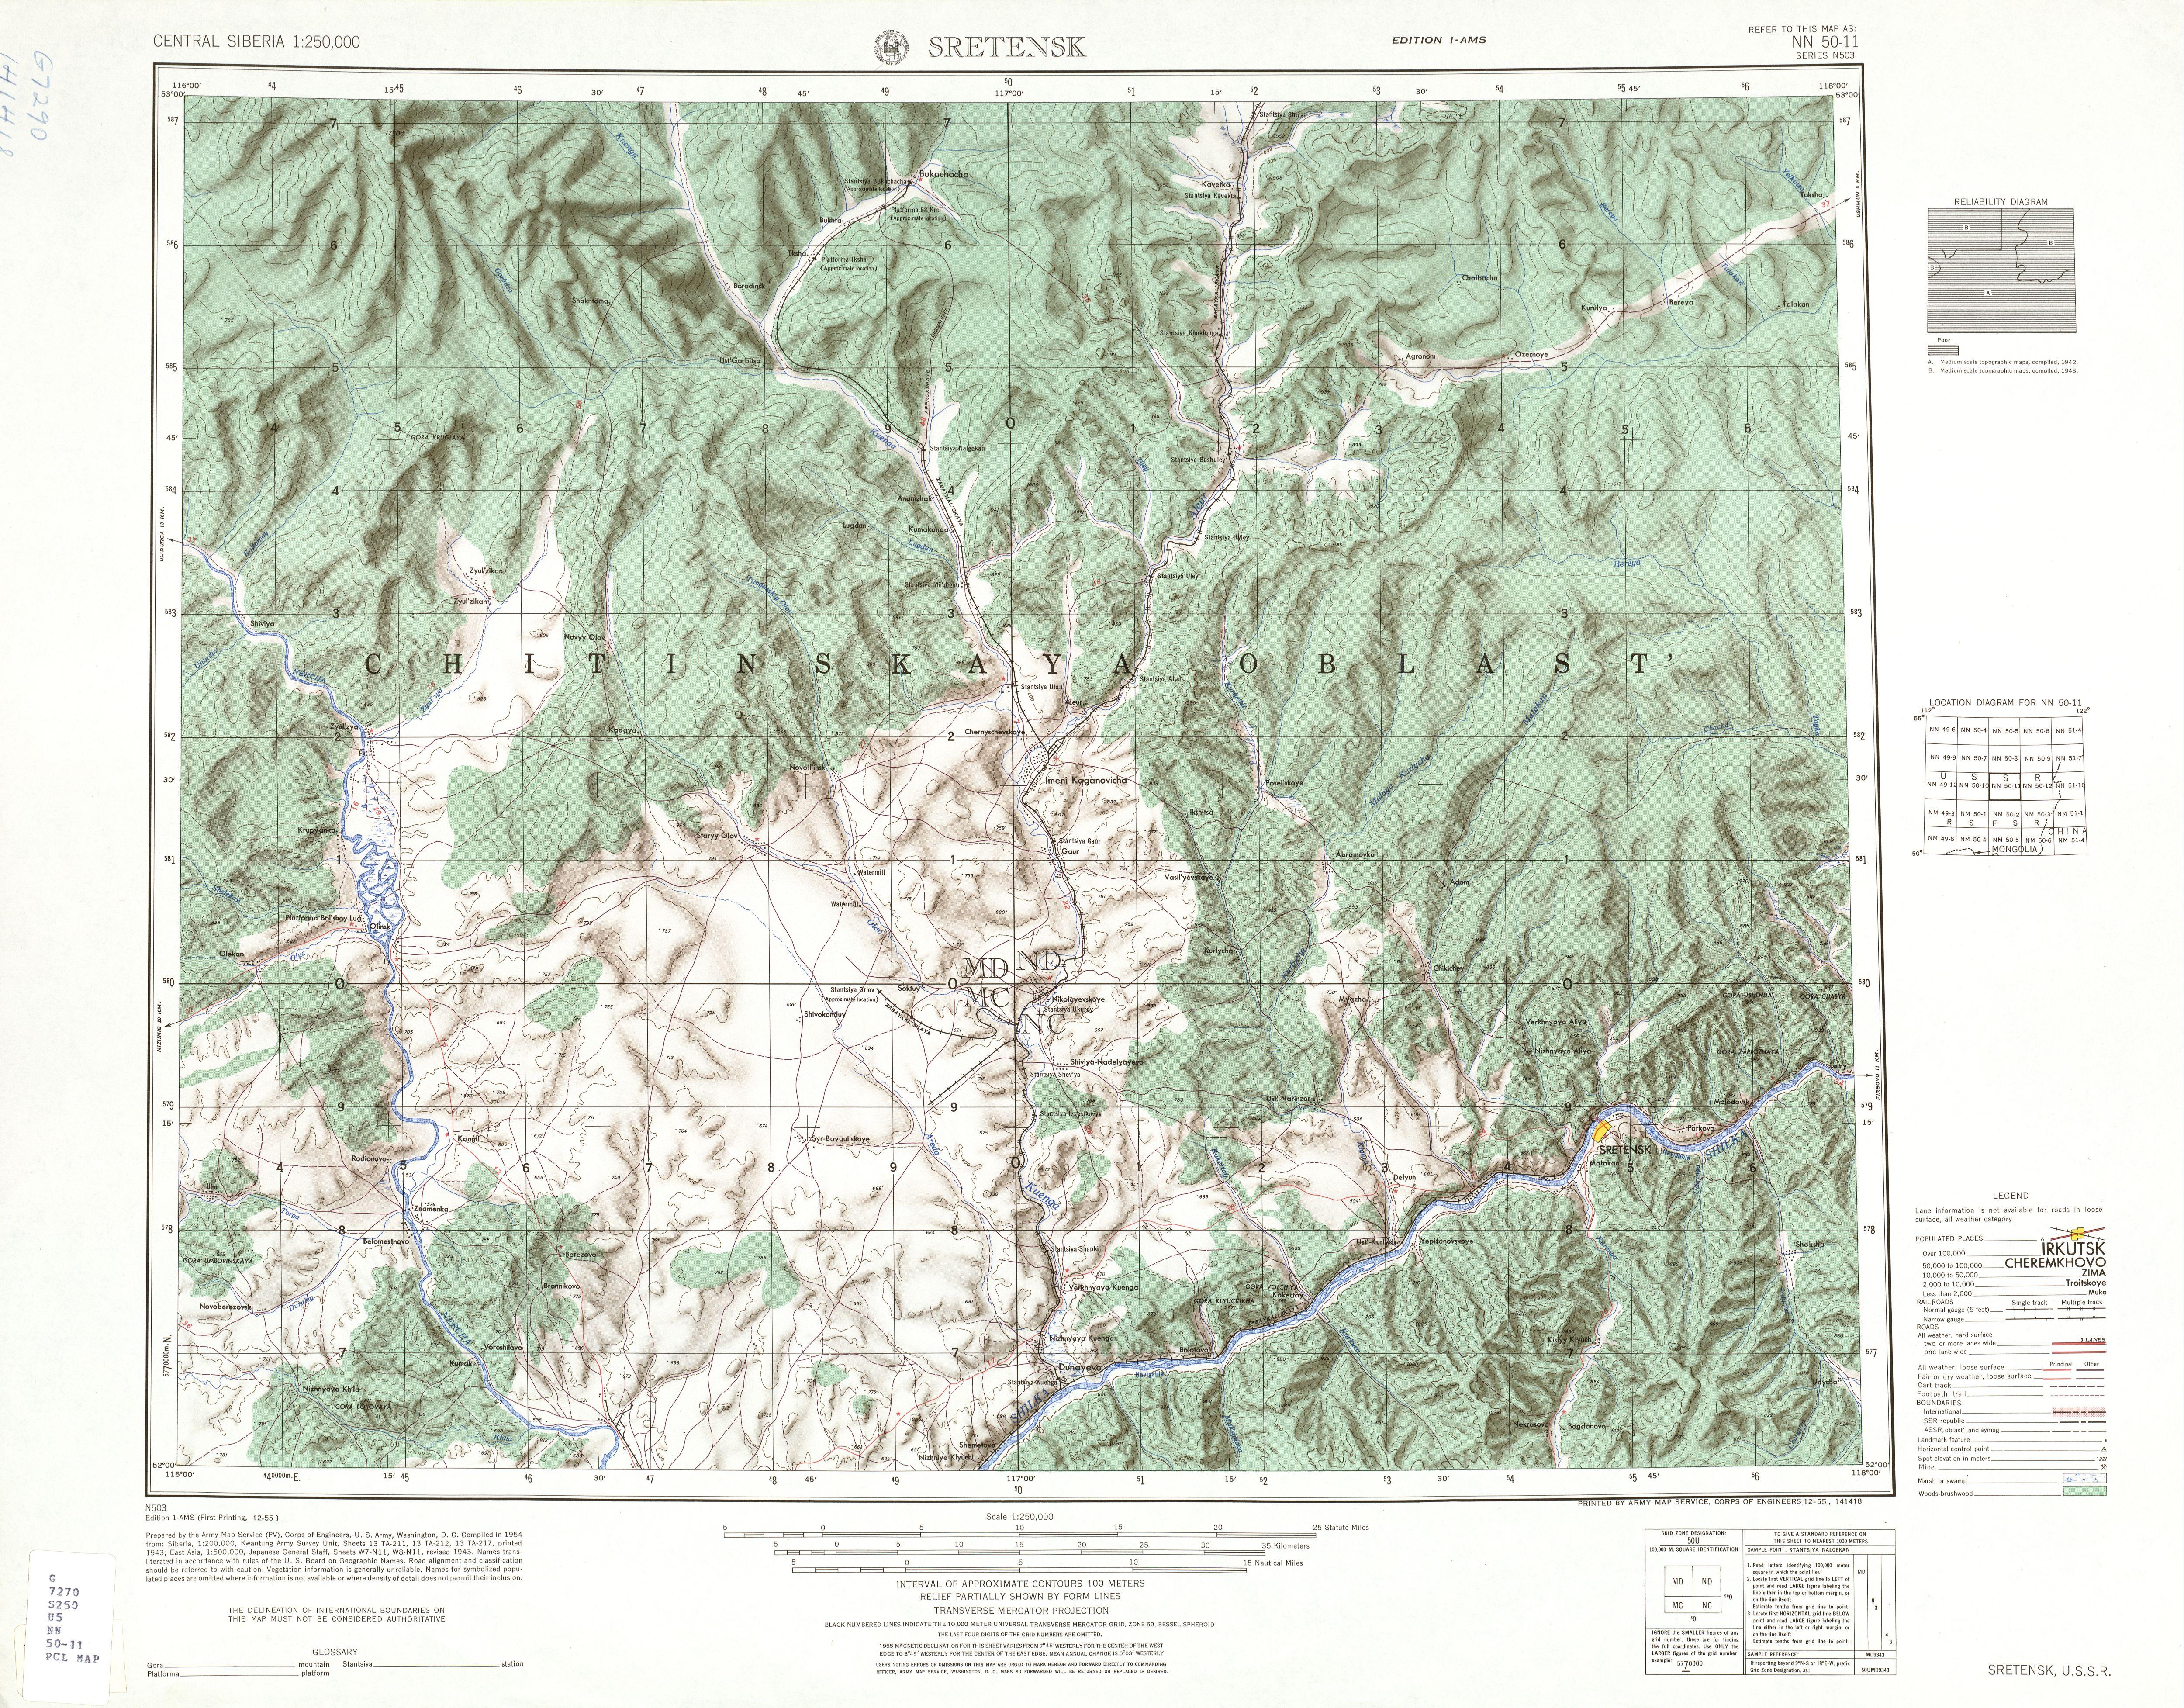 Description USSR map NN 50-11 Sretensk.jpg